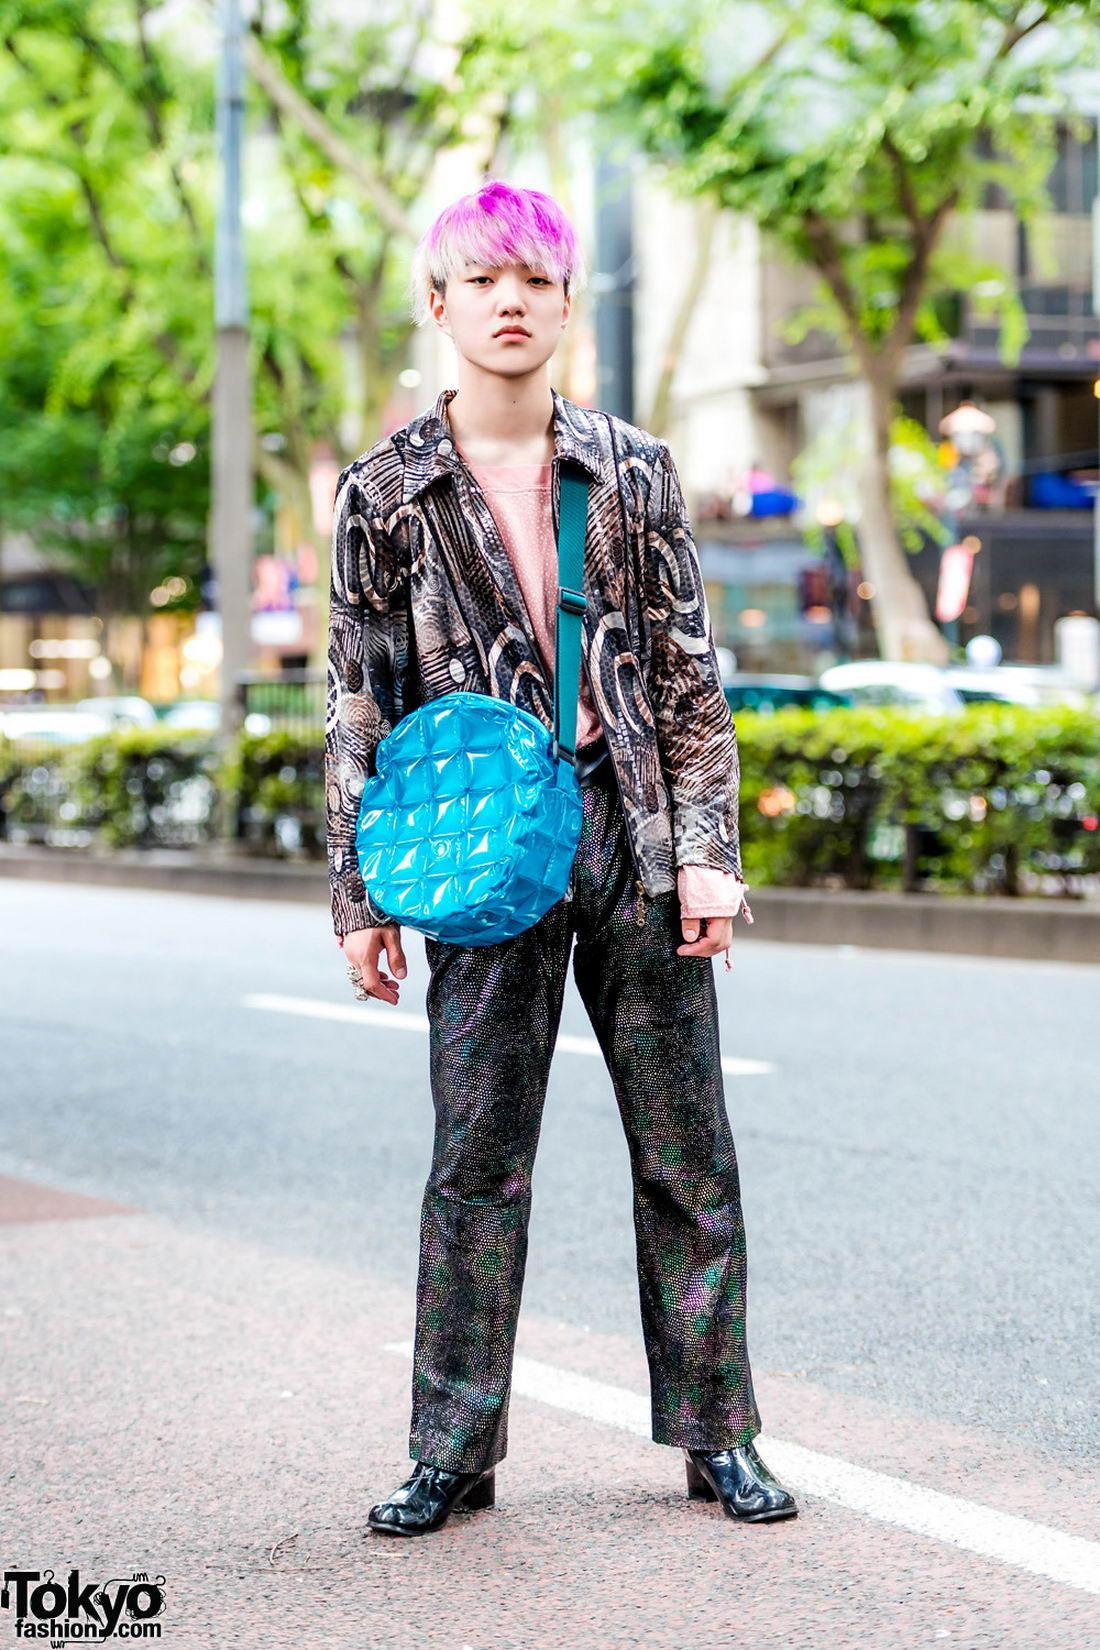 Модные и интересные персонажи с улиц Токио - 21 (48 фото)